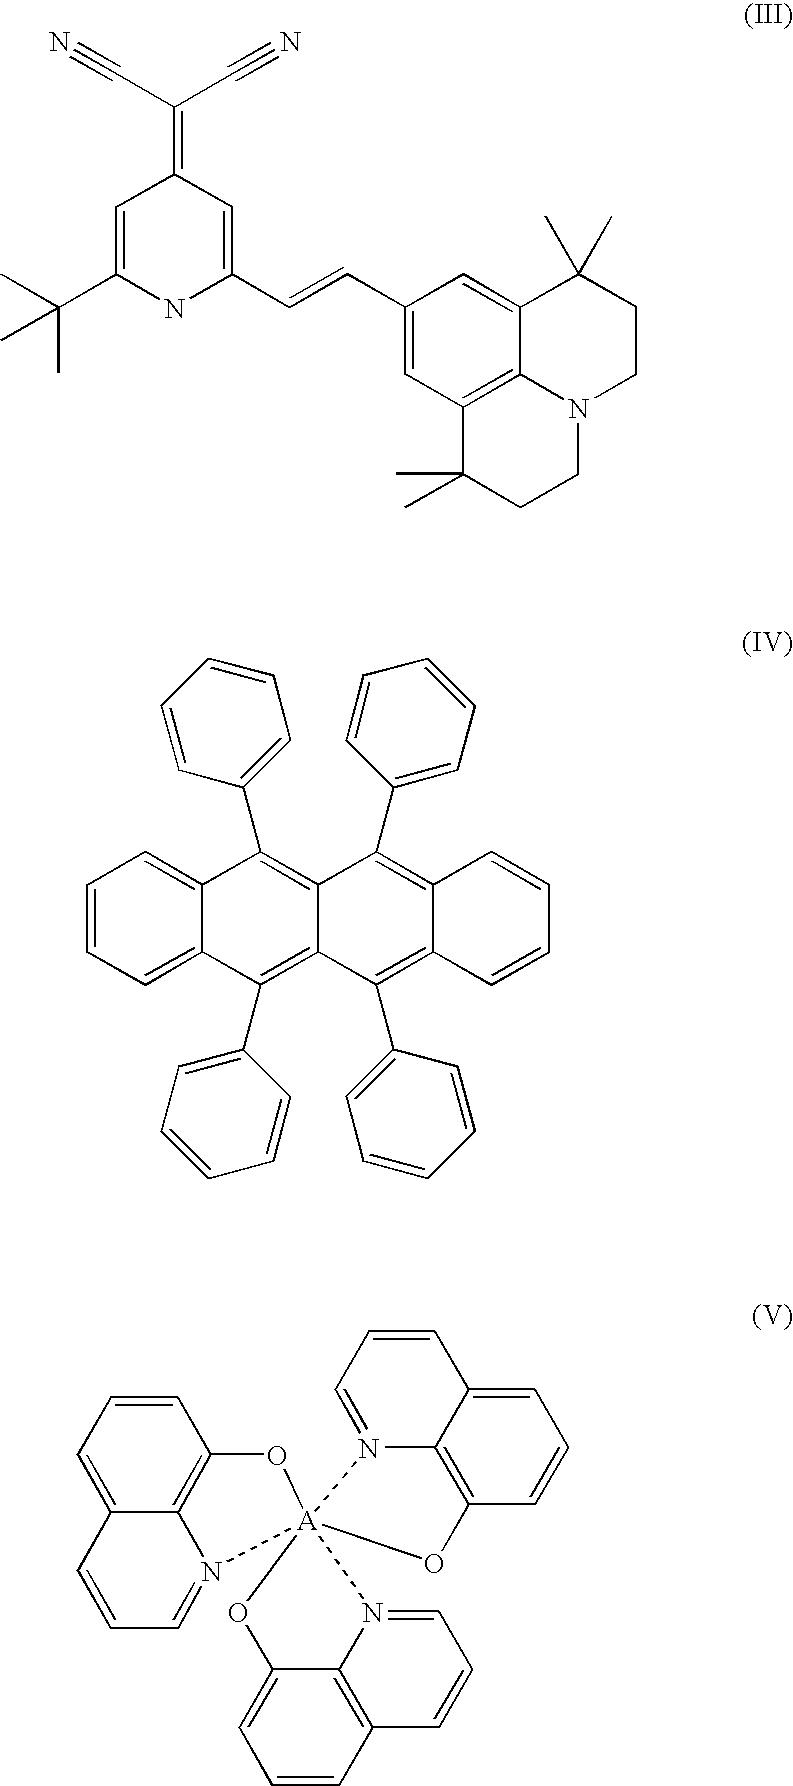 Figure US20090235974A1-20090924-C00003